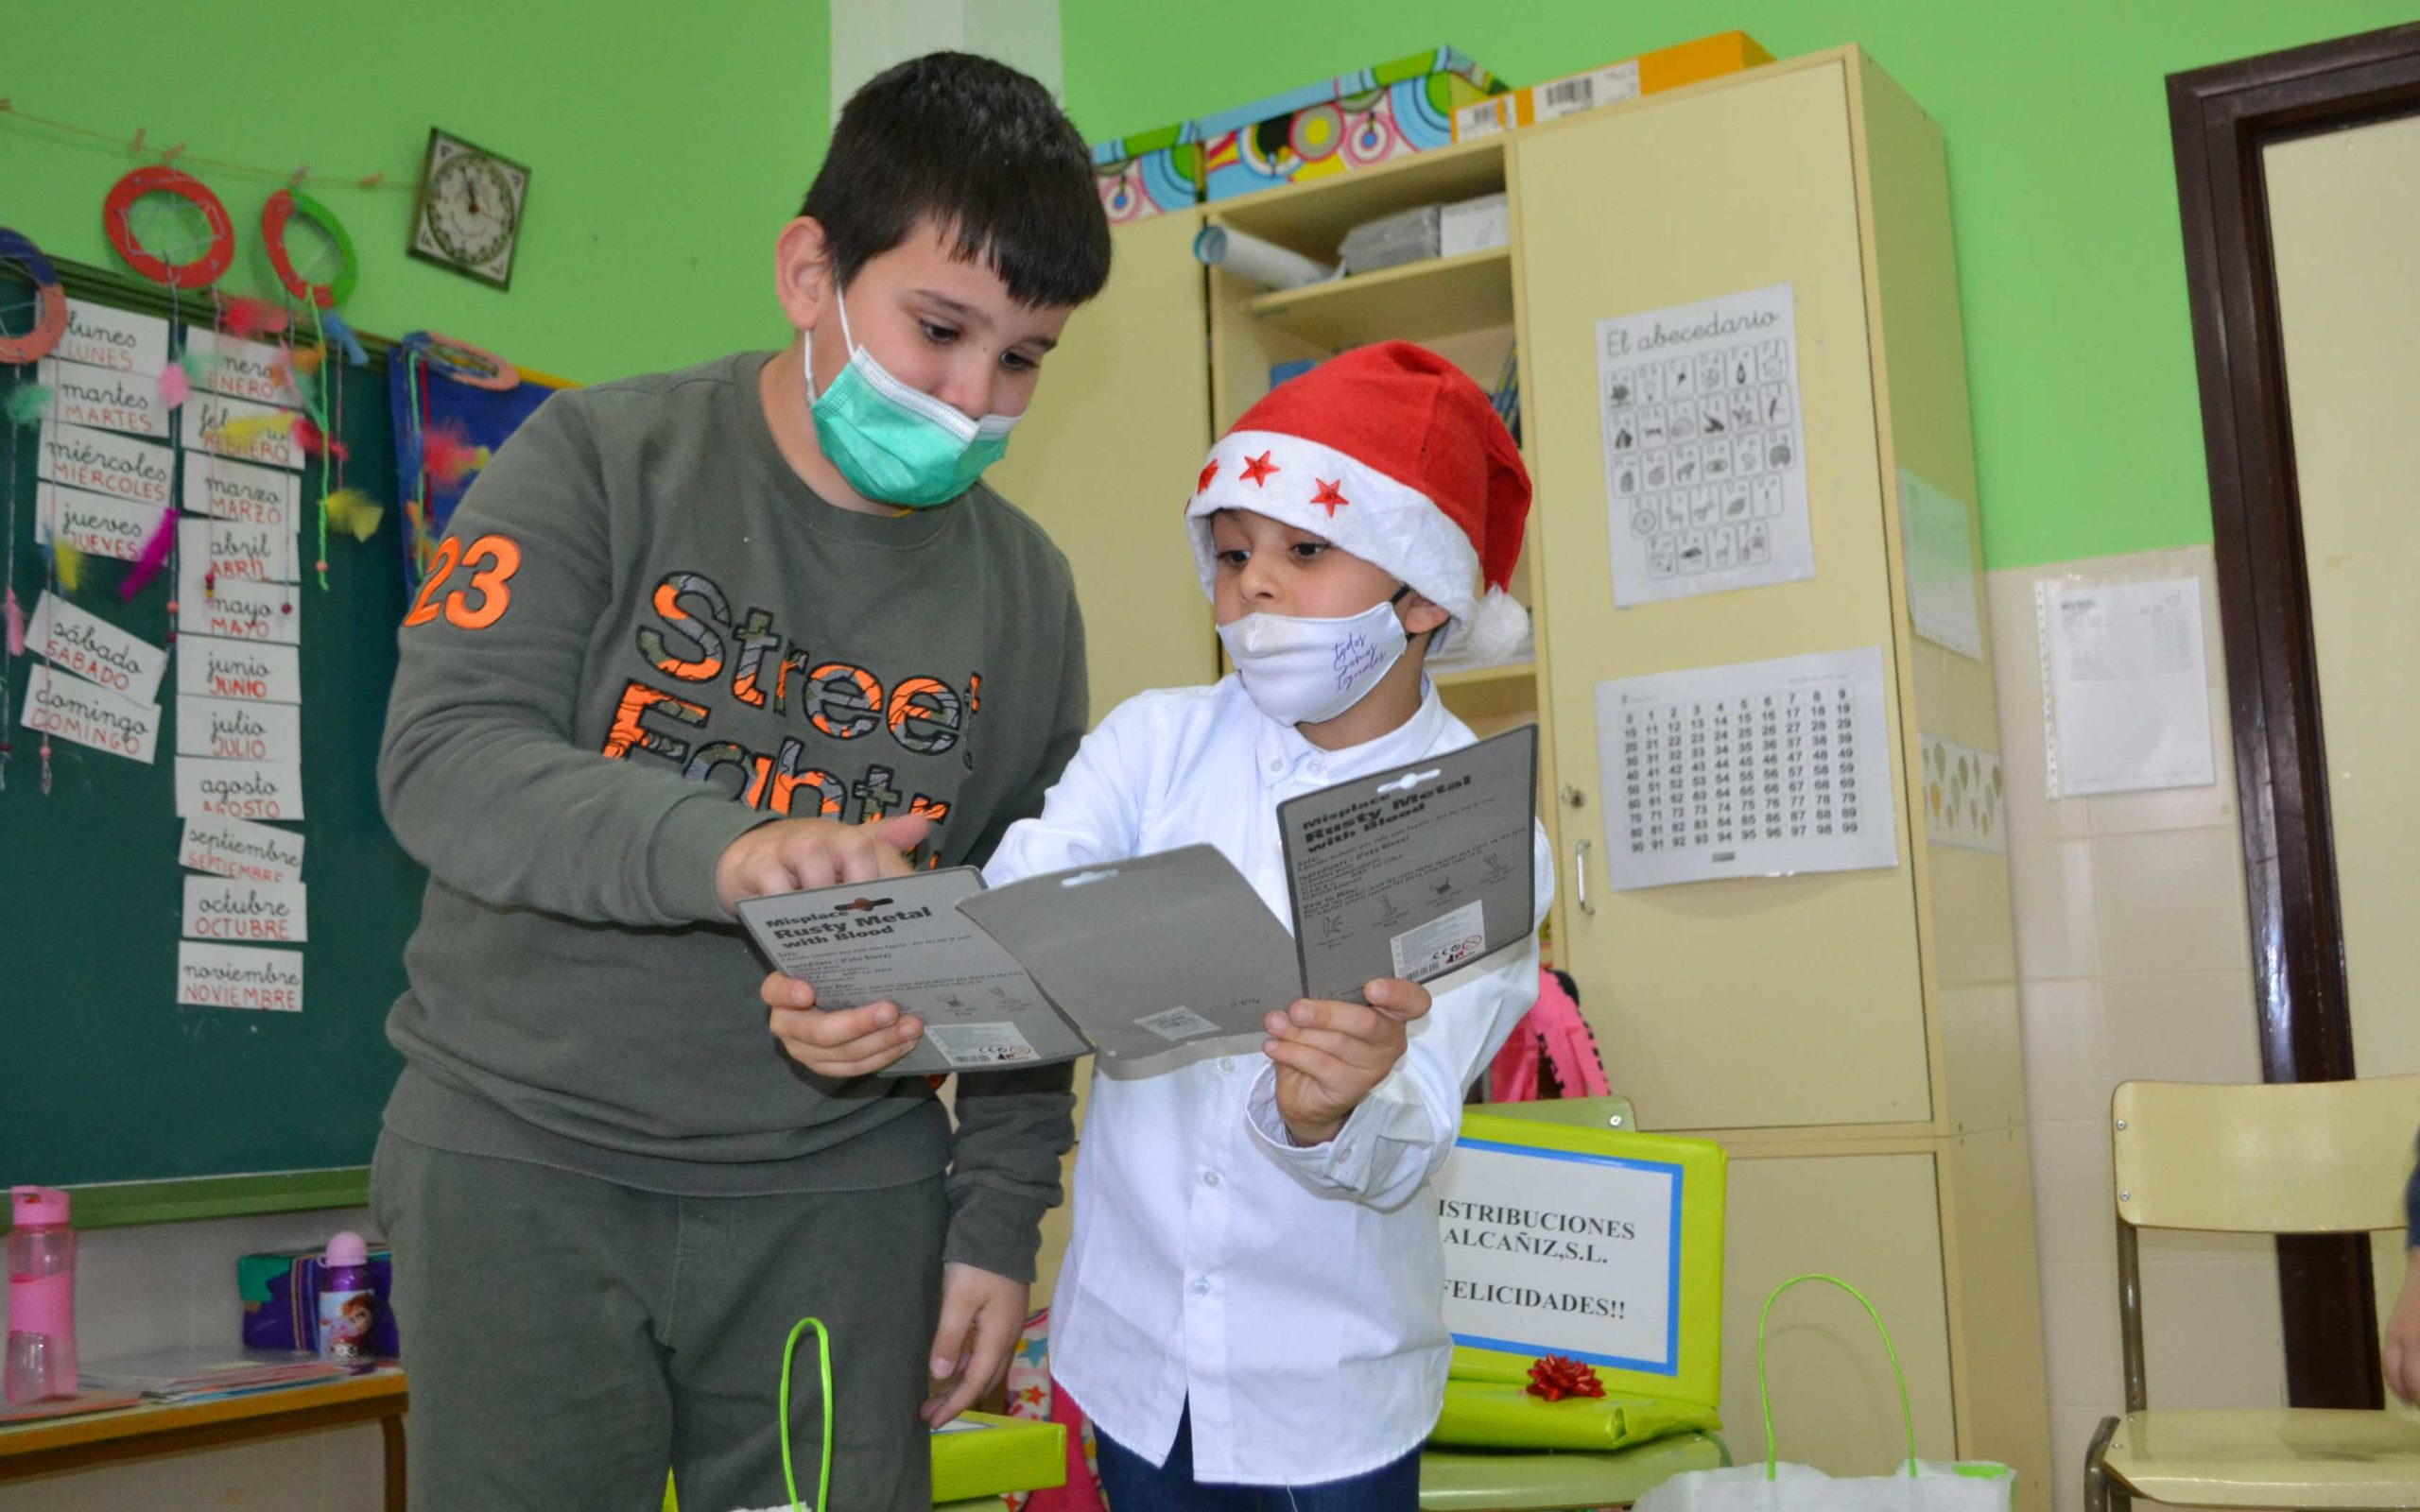 Dos amigos comparten sus sorpresas en el aula de Samper de Calanda